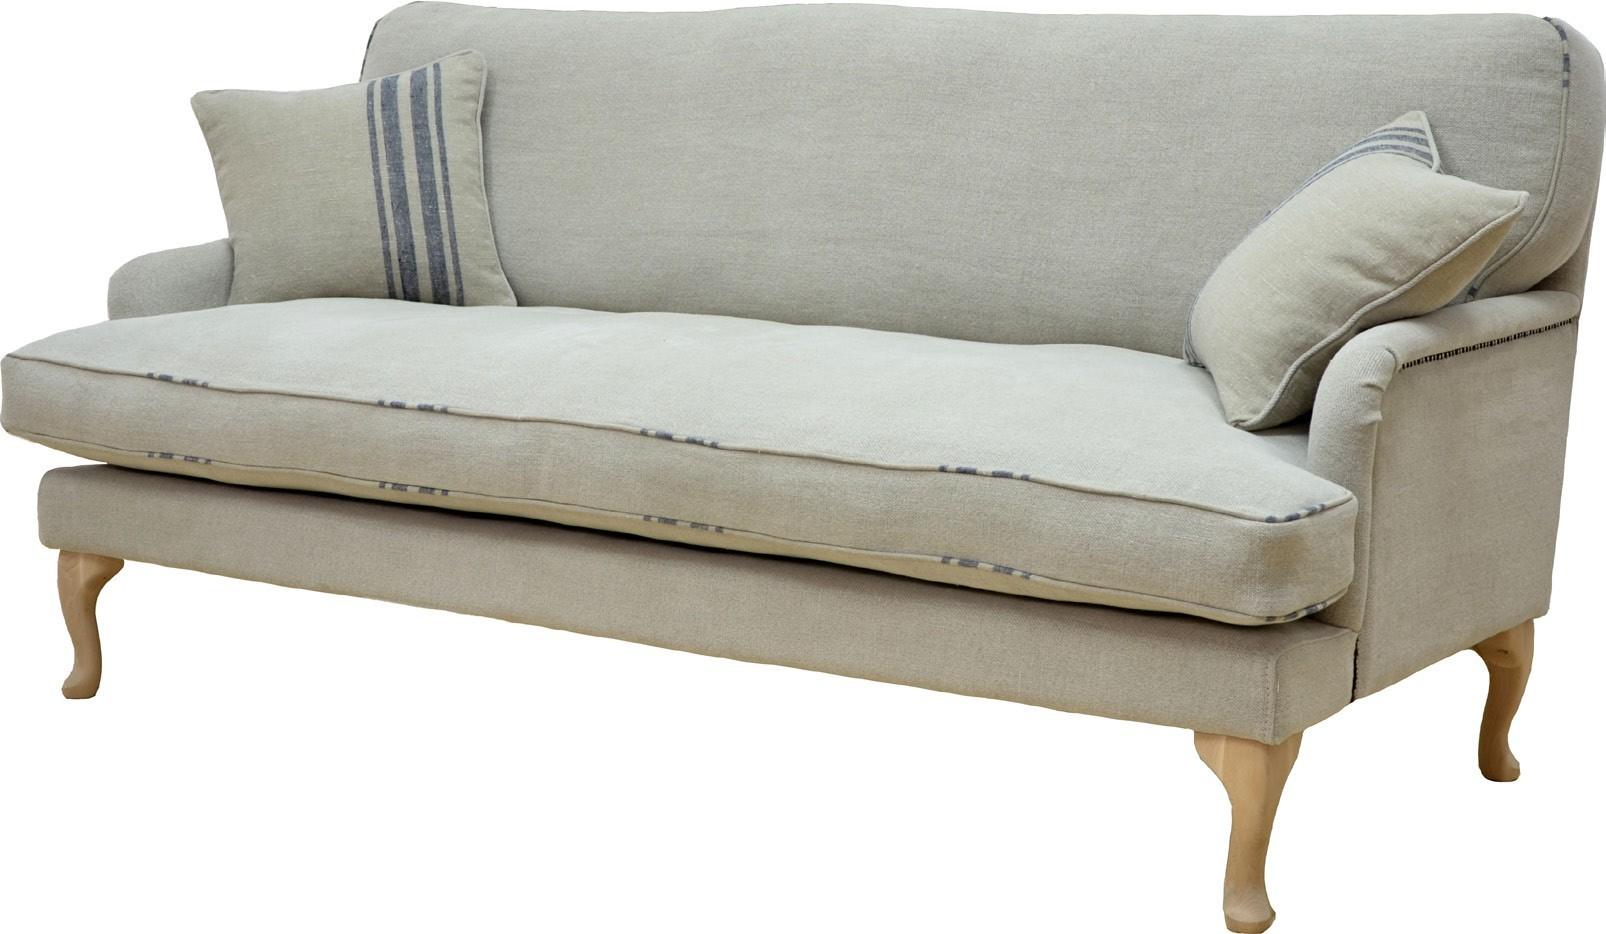 Full Size of Schmales Sofa Landhausstil Royal Primavera Hier Klicken Bett Barock Mit Recamiere Wohnzimmer Recamiere Barock